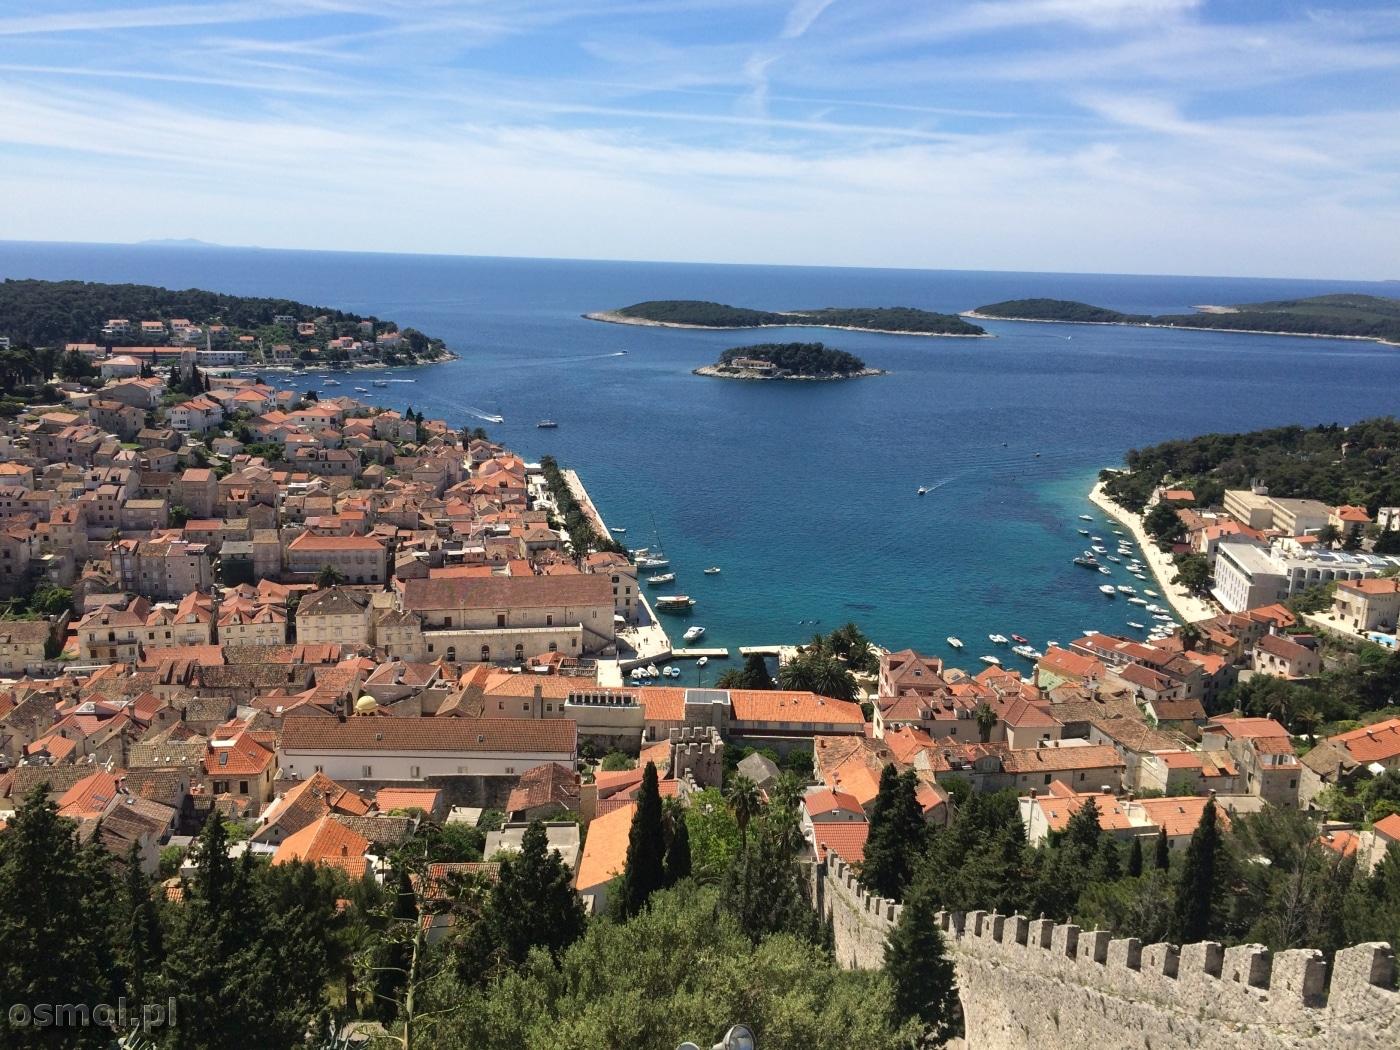 Widok na Hvar w Chorwacji